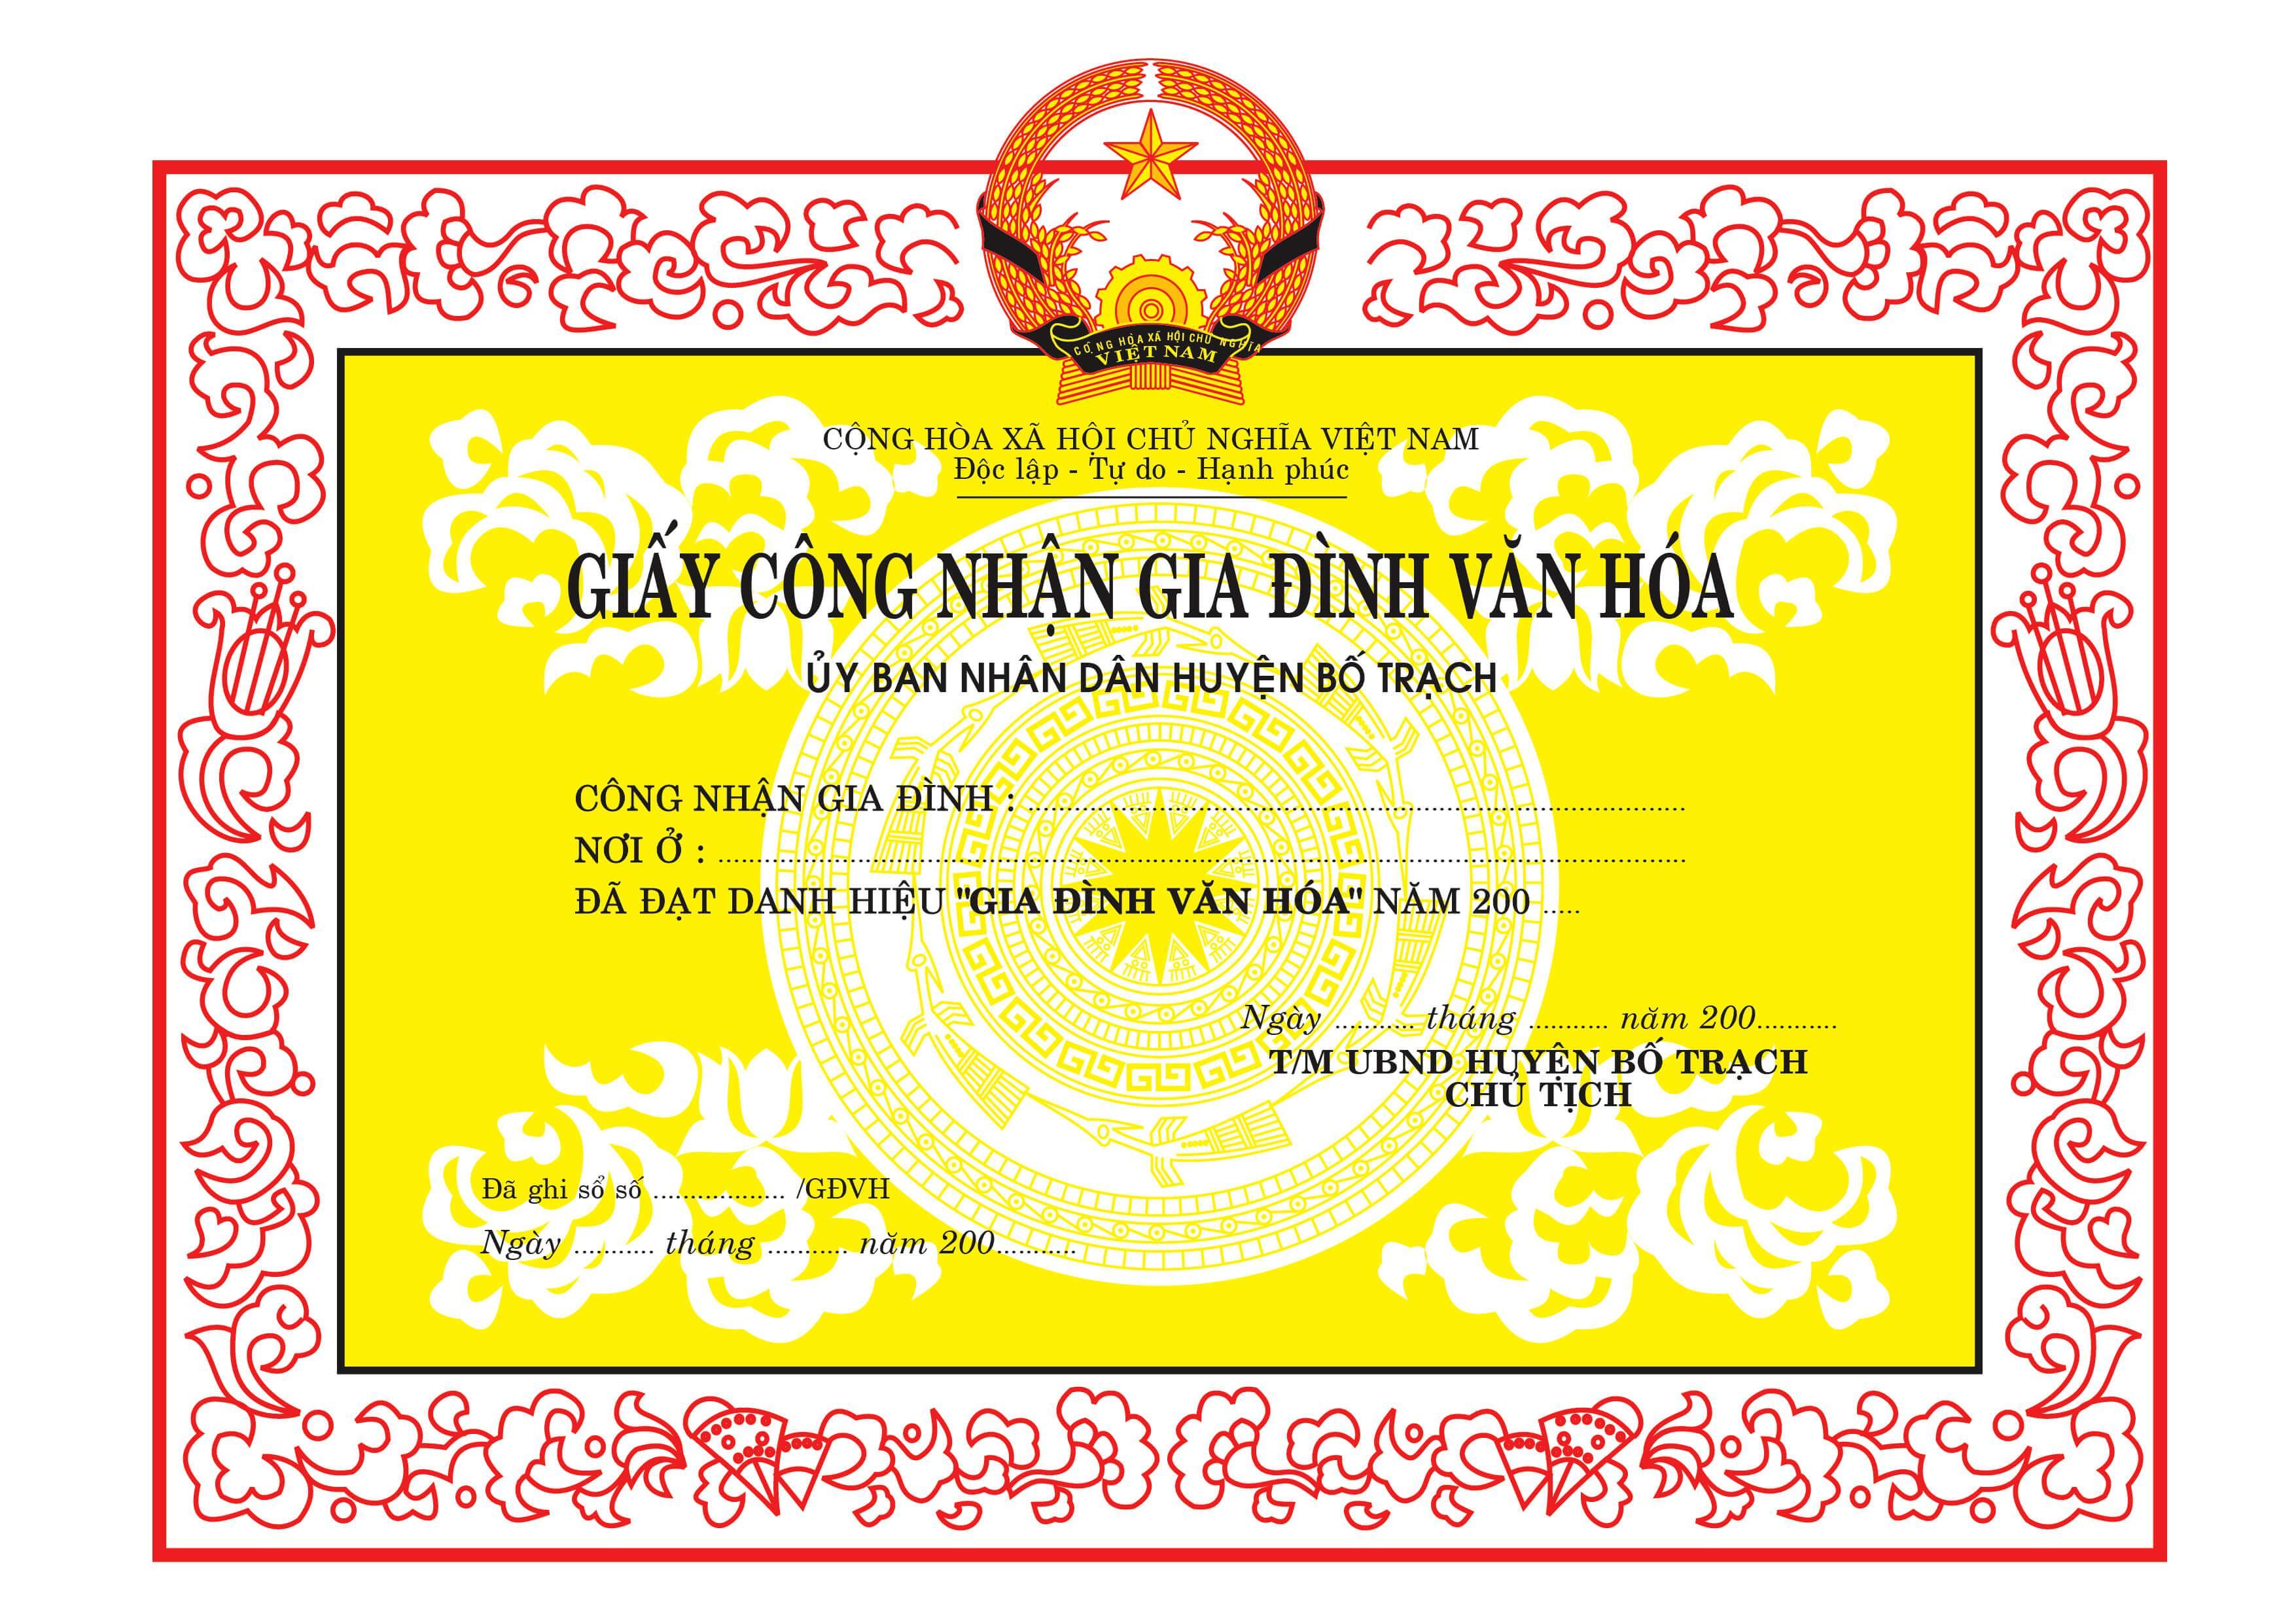 Mẫu giấy khen 058 - Mẫu giấy công nhận gia đình văn hóa - link download : https://adsnew.net/zVpIG